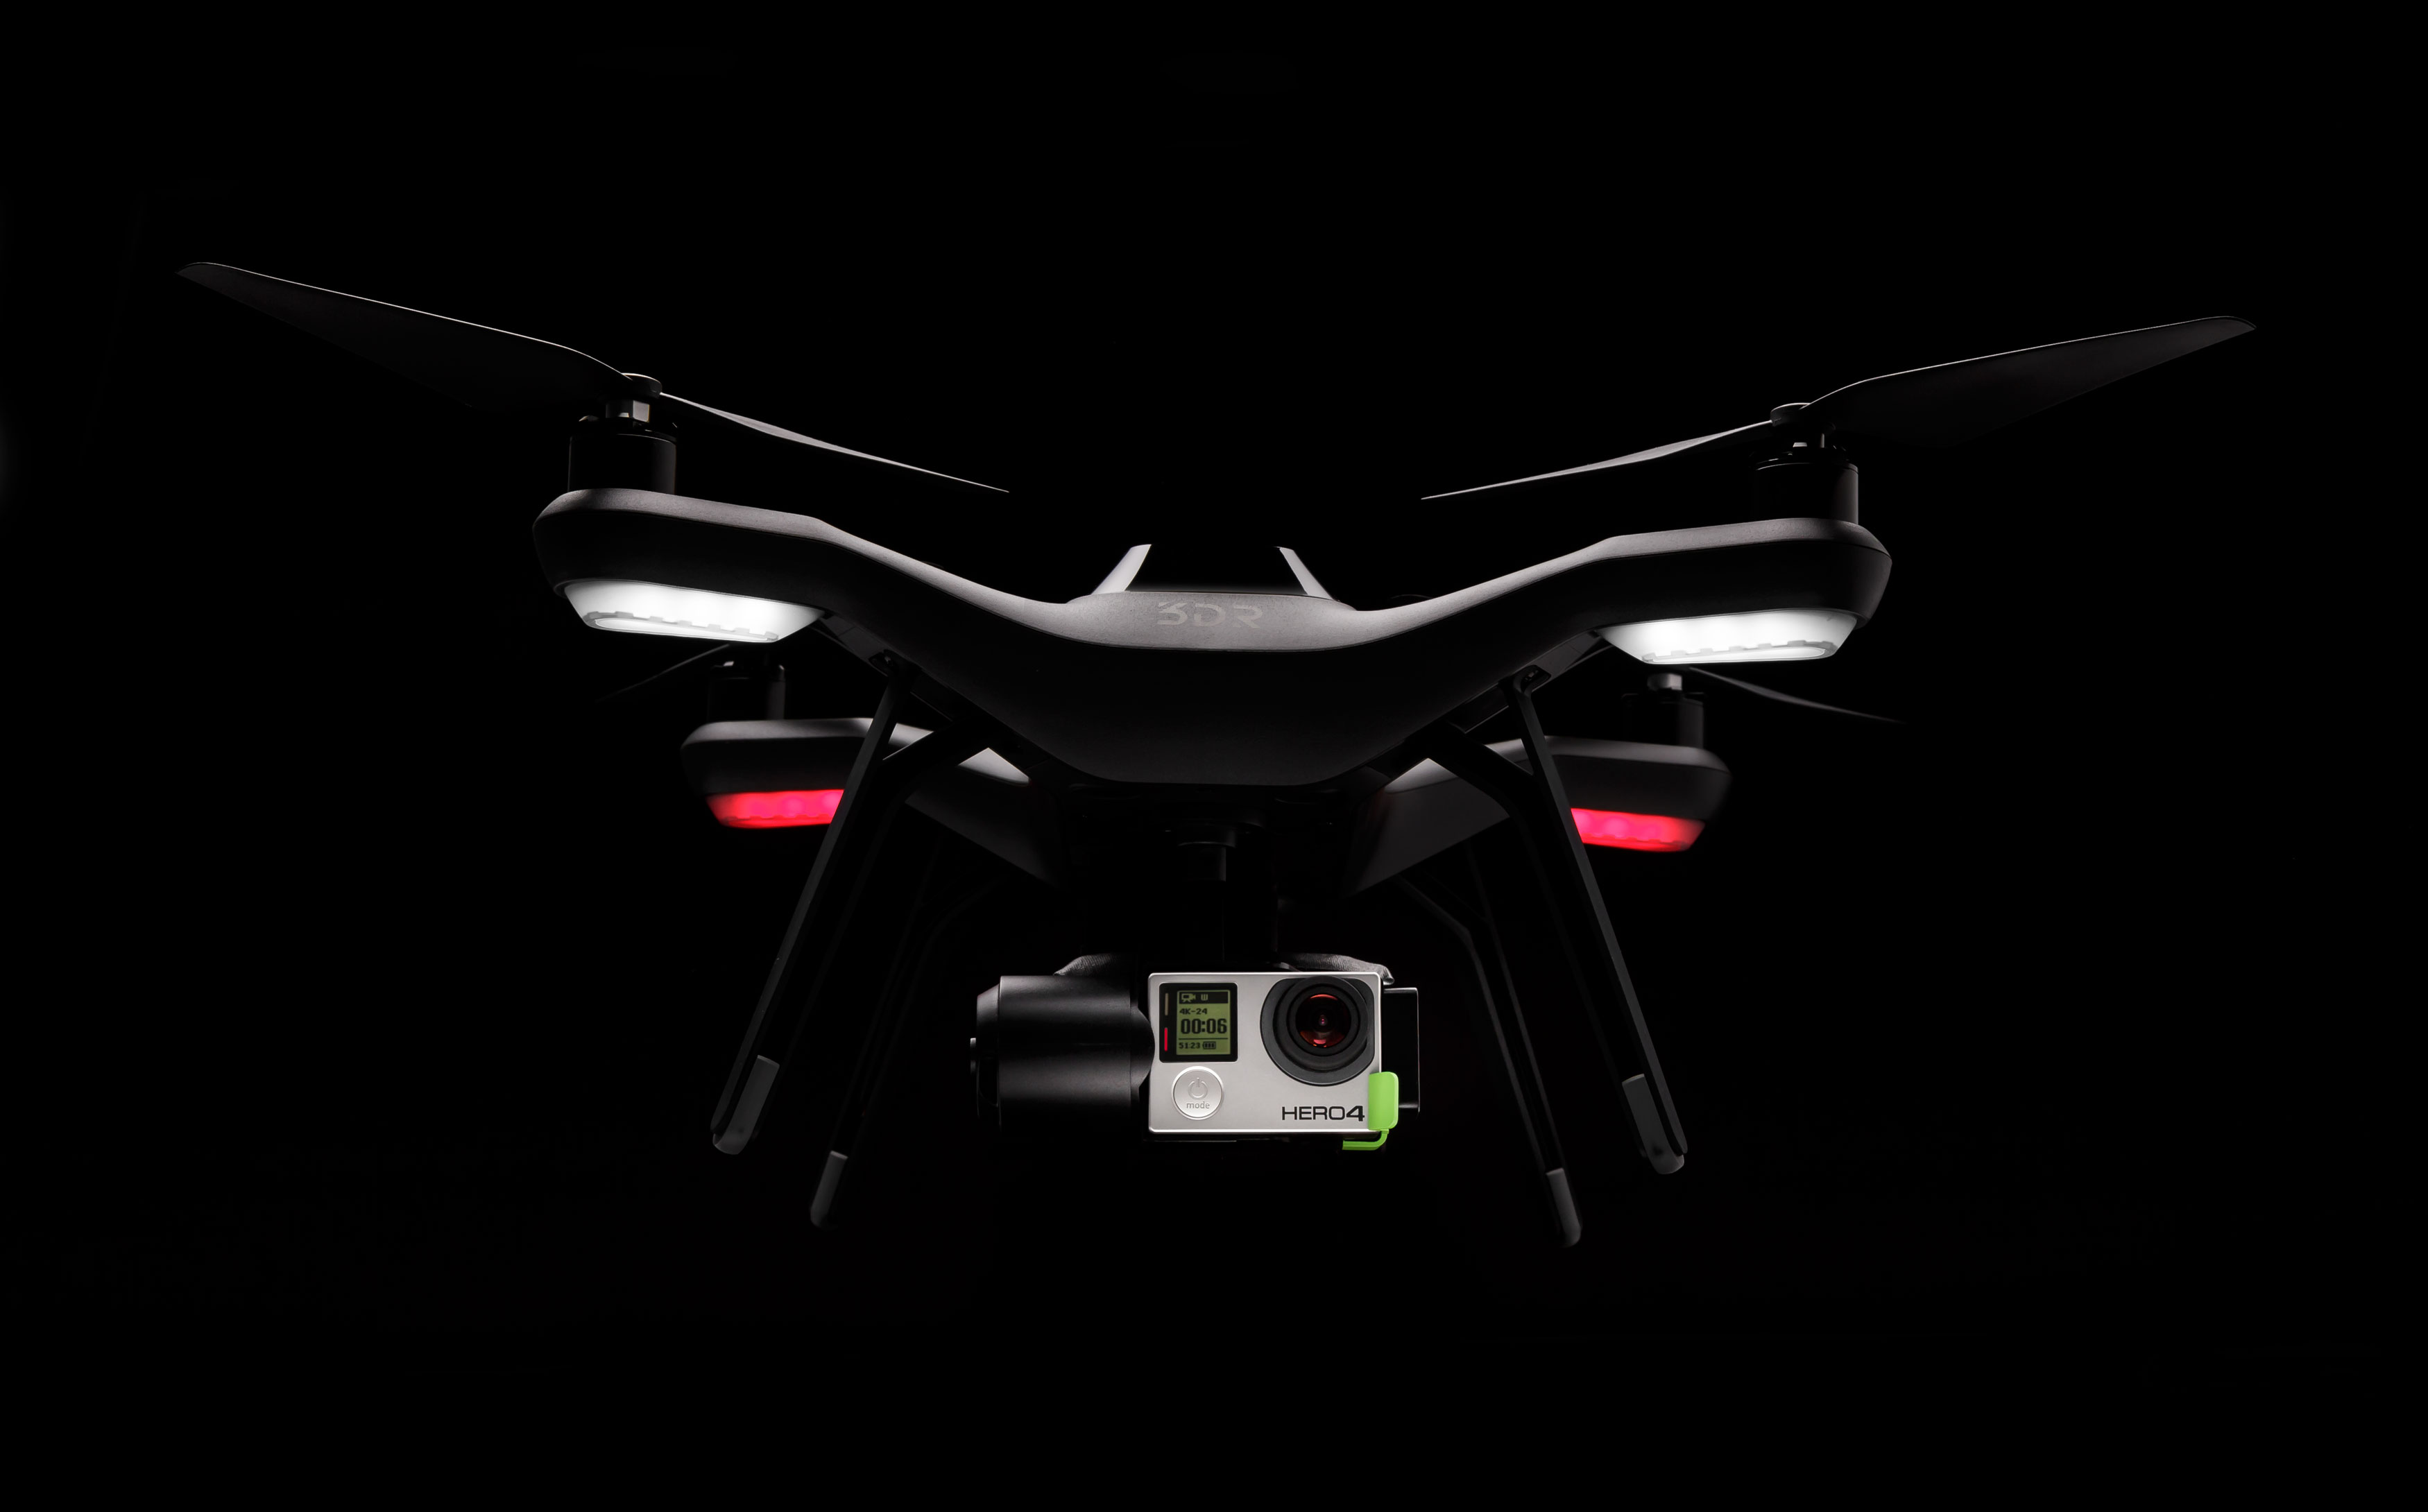 3D Robotics' Solo quadrotor drone.